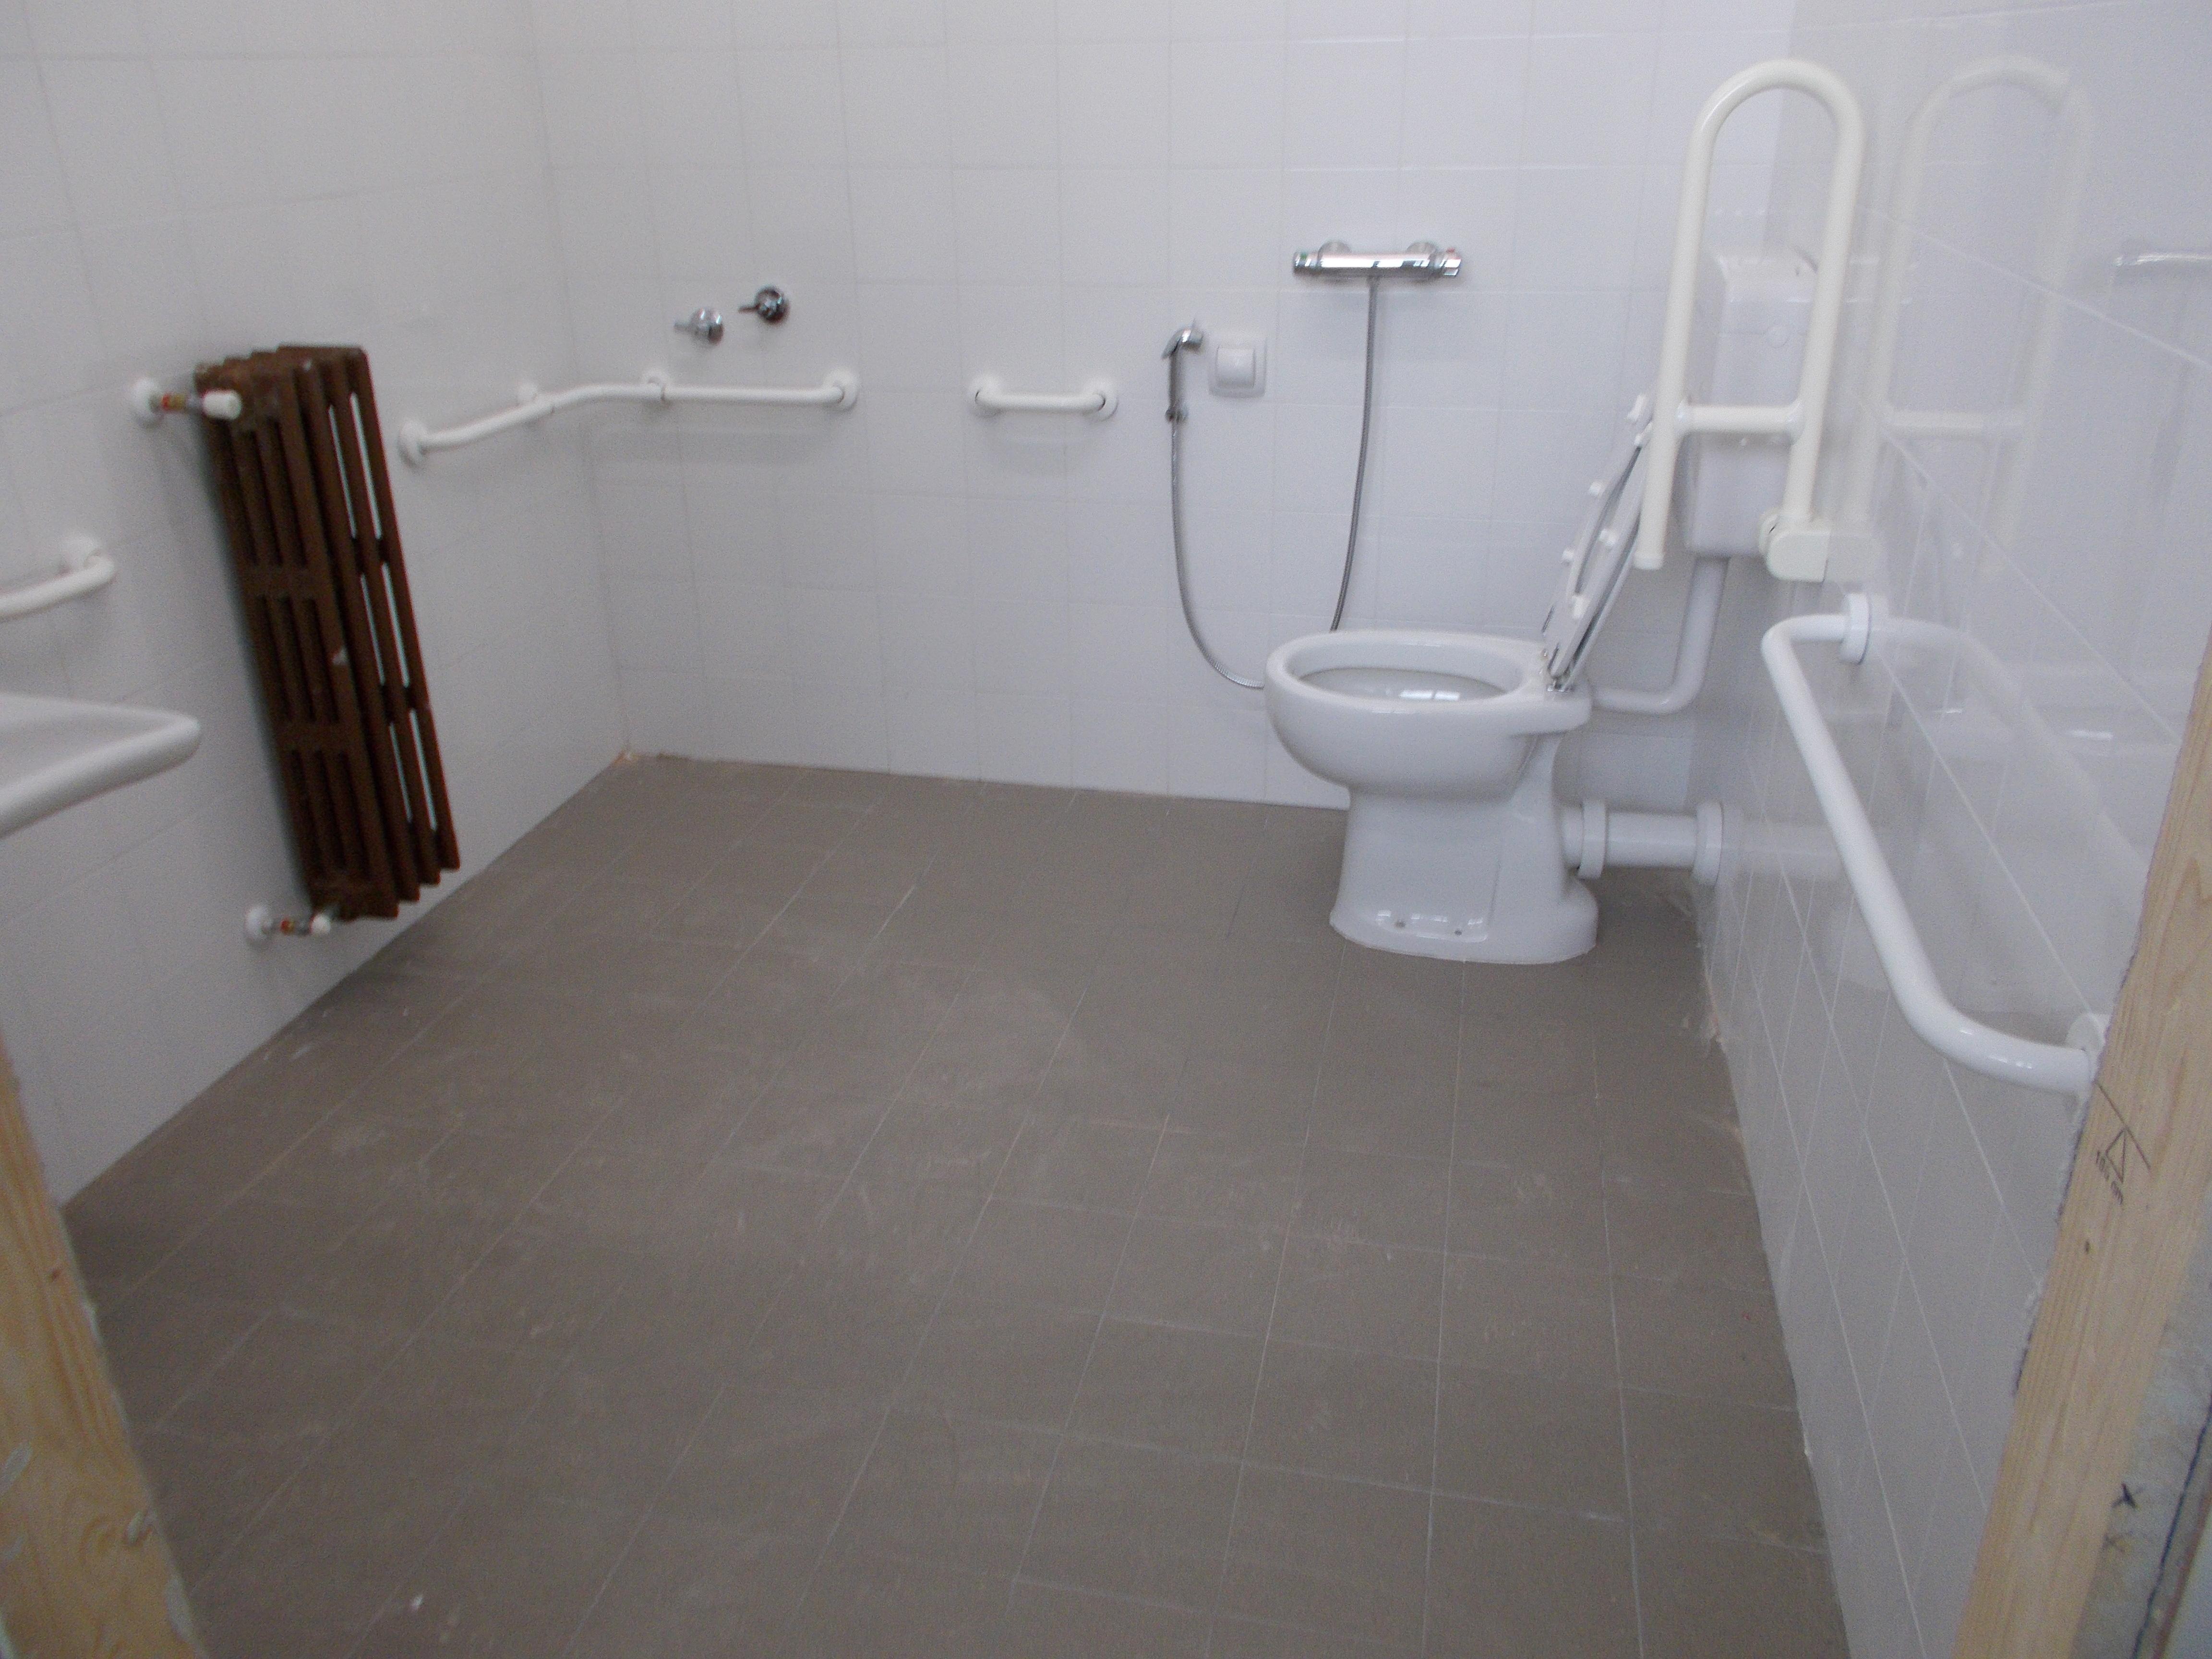 Nel bagno a scuola - 1 part 6